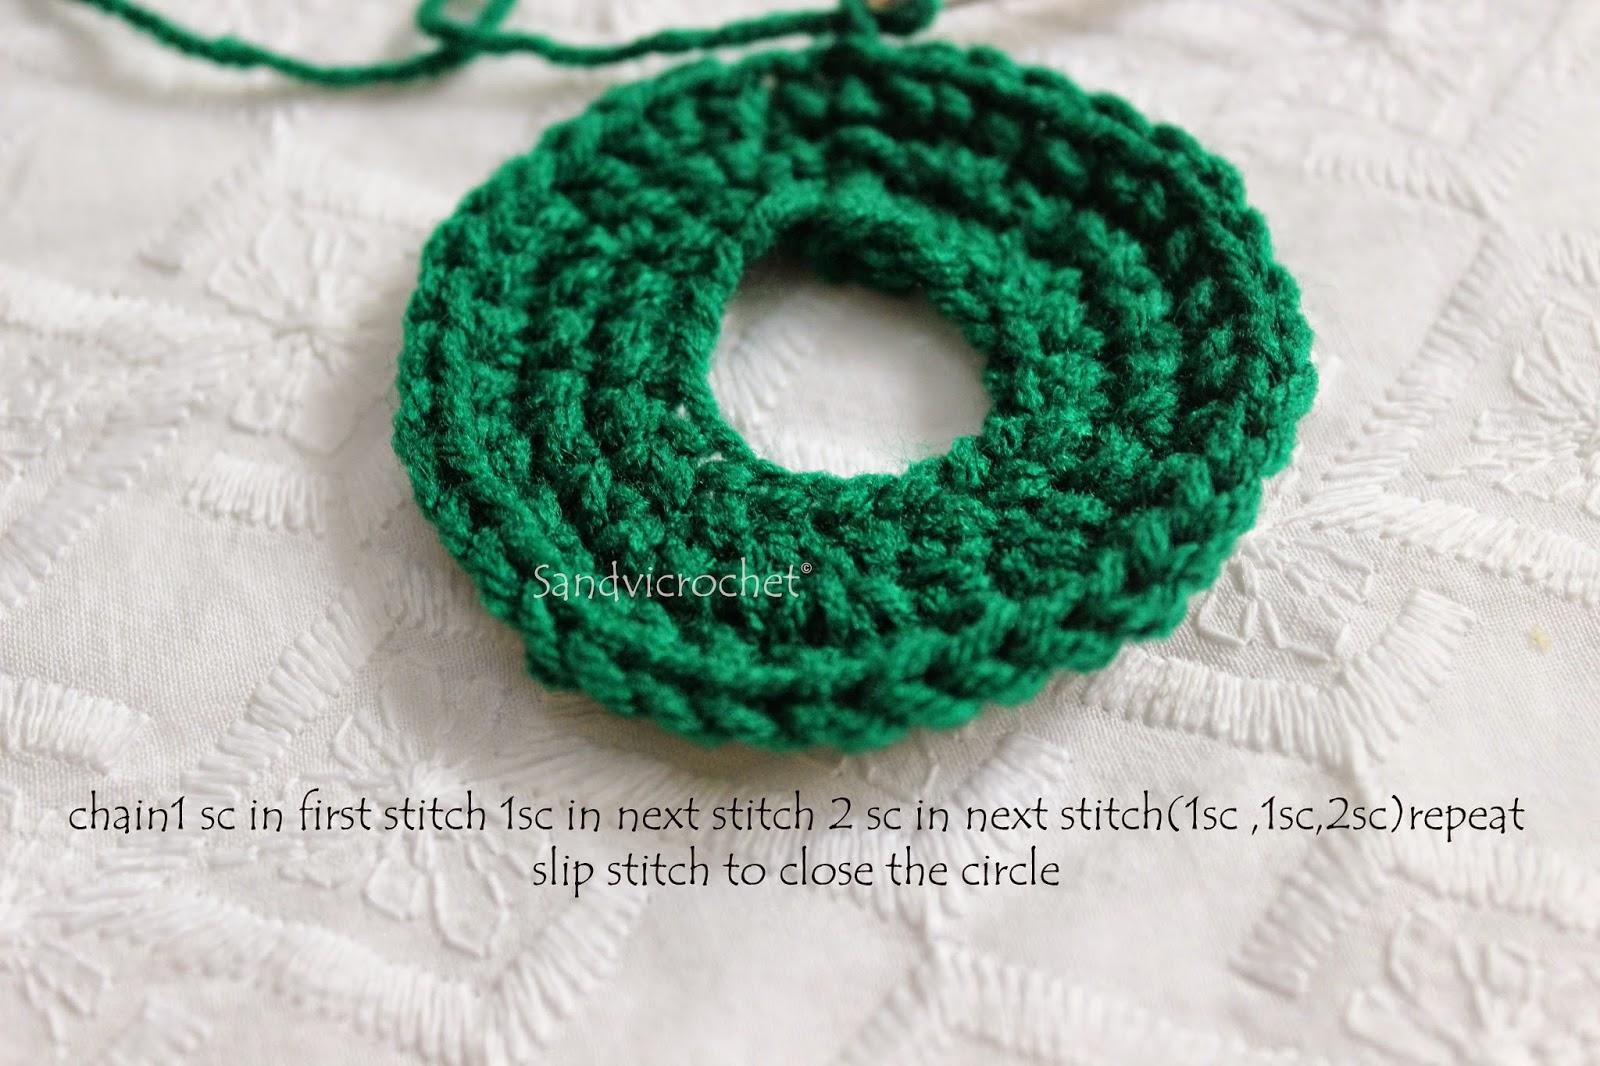 Crochet Keychain : sandvicrochet: free pattern crochet frock keychain